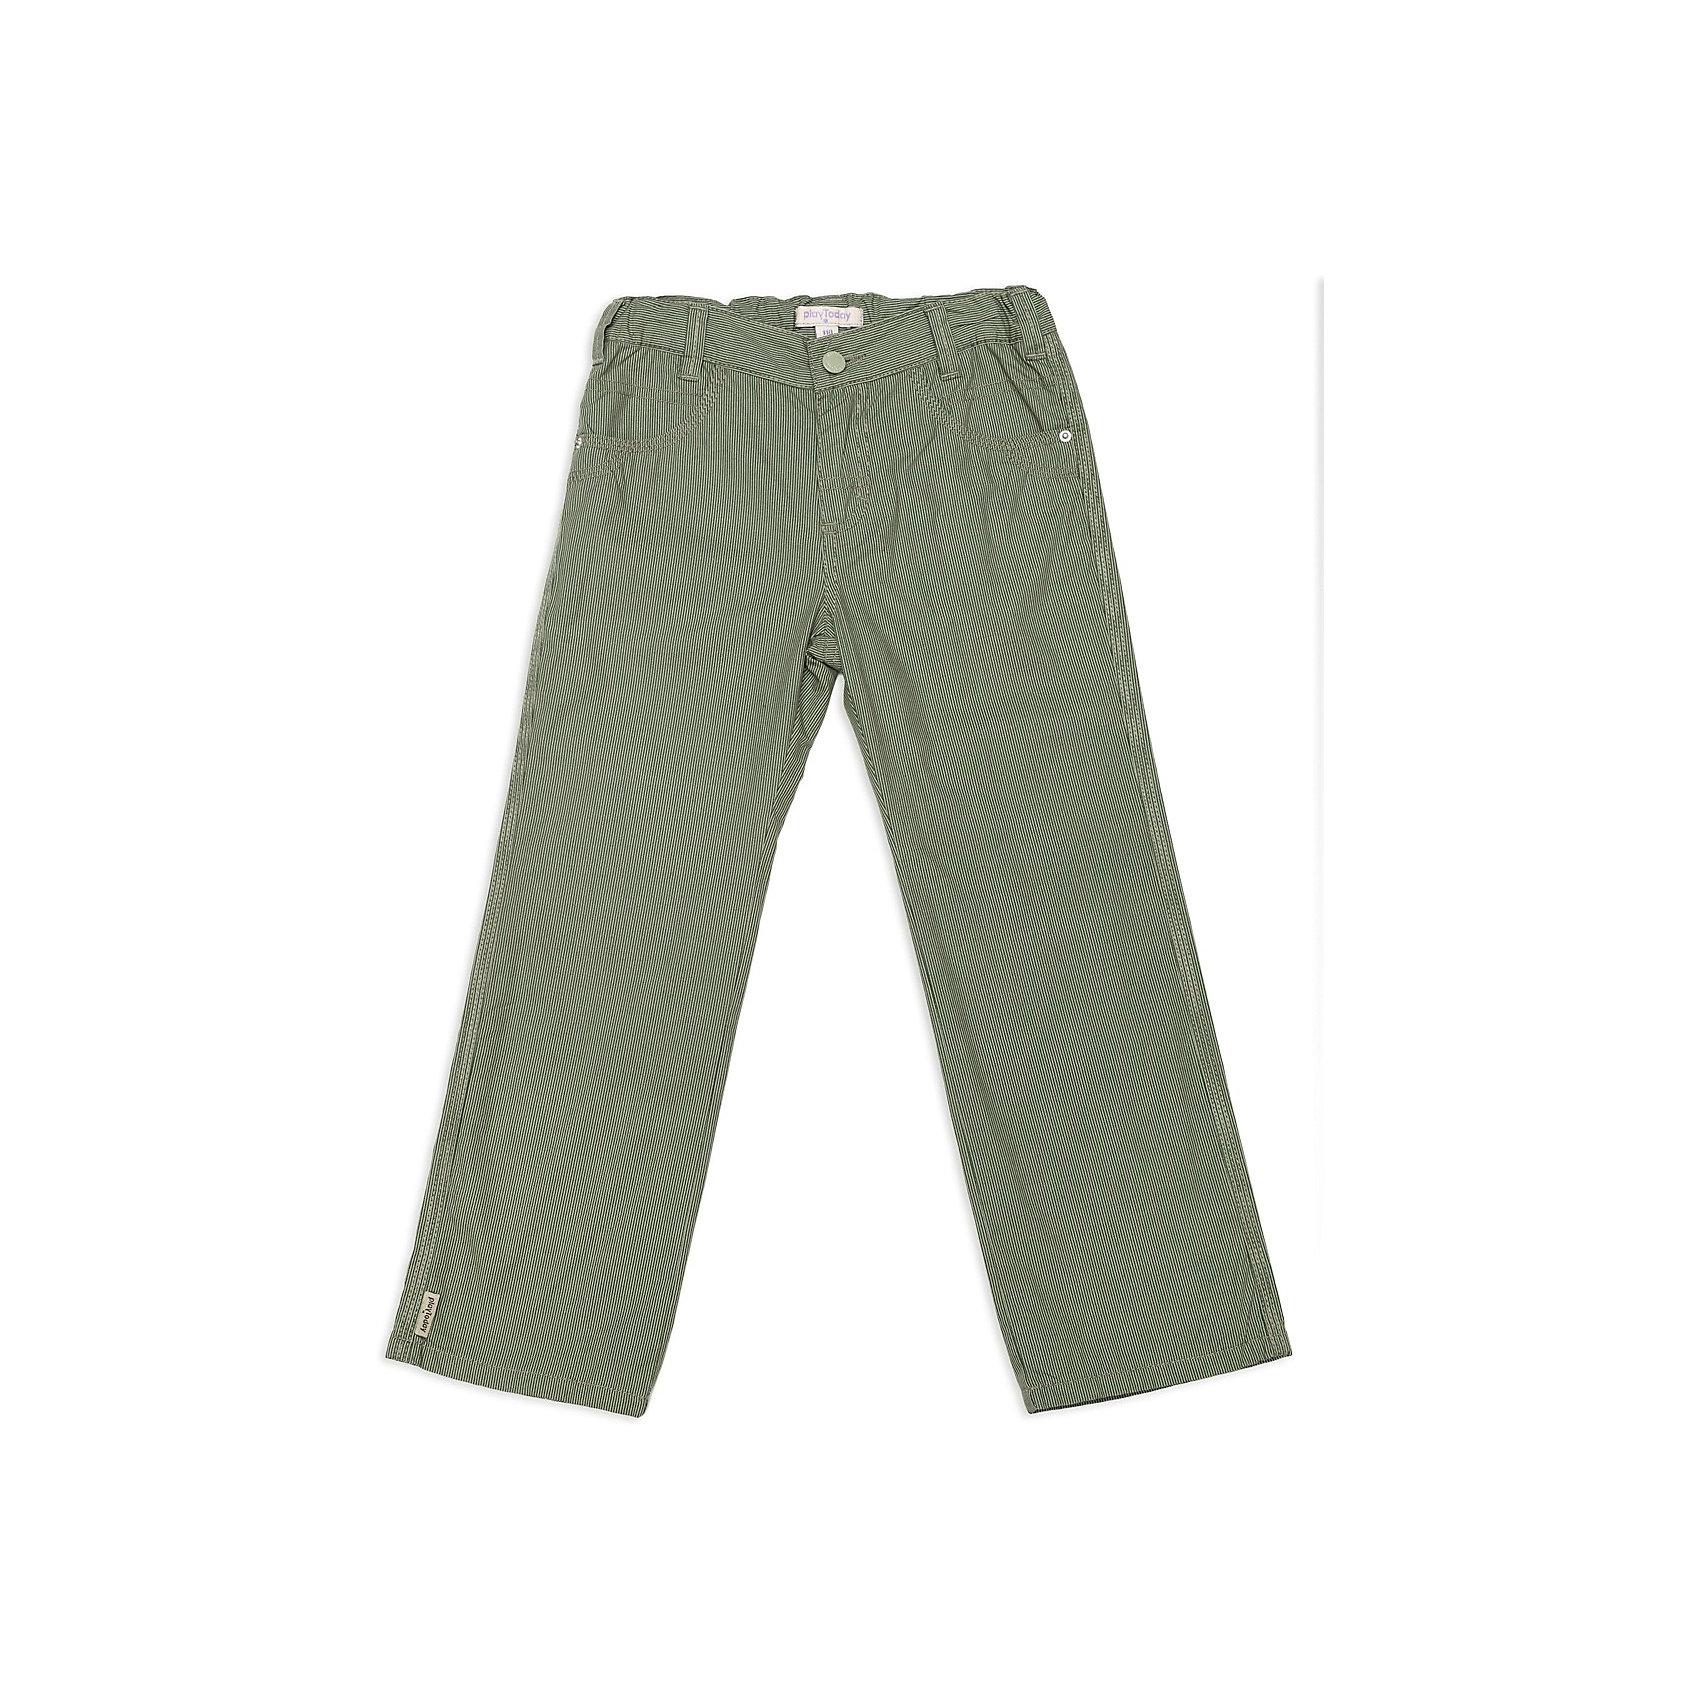 Брюки для мальчика PlayTodayБрюки для мальчика от известной марки PlayToday<br>* удобные текстильные брюки<br>* пояс регулируется внутренней резинкой<br>* застежка - молния, пуговица<br>* модель дополнена функциональными карманами<br>* замечательный вариант как для детского сада, так и прогулок<br>Состав:<br>верх: 100% хлопок, подкладка: 100% хлопок<br><br>Ширина мм: 215<br>Глубина мм: 88<br>Высота мм: 191<br>Вес г: 336<br>Цвет: хаки<br>Возраст от месяцев: 24<br>Возраст до месяцев: 36<br>Пол: Мужской<br>Возраст: Детский<br>Размер: 98,104,116,128,122,110<br>SKU: 3743084